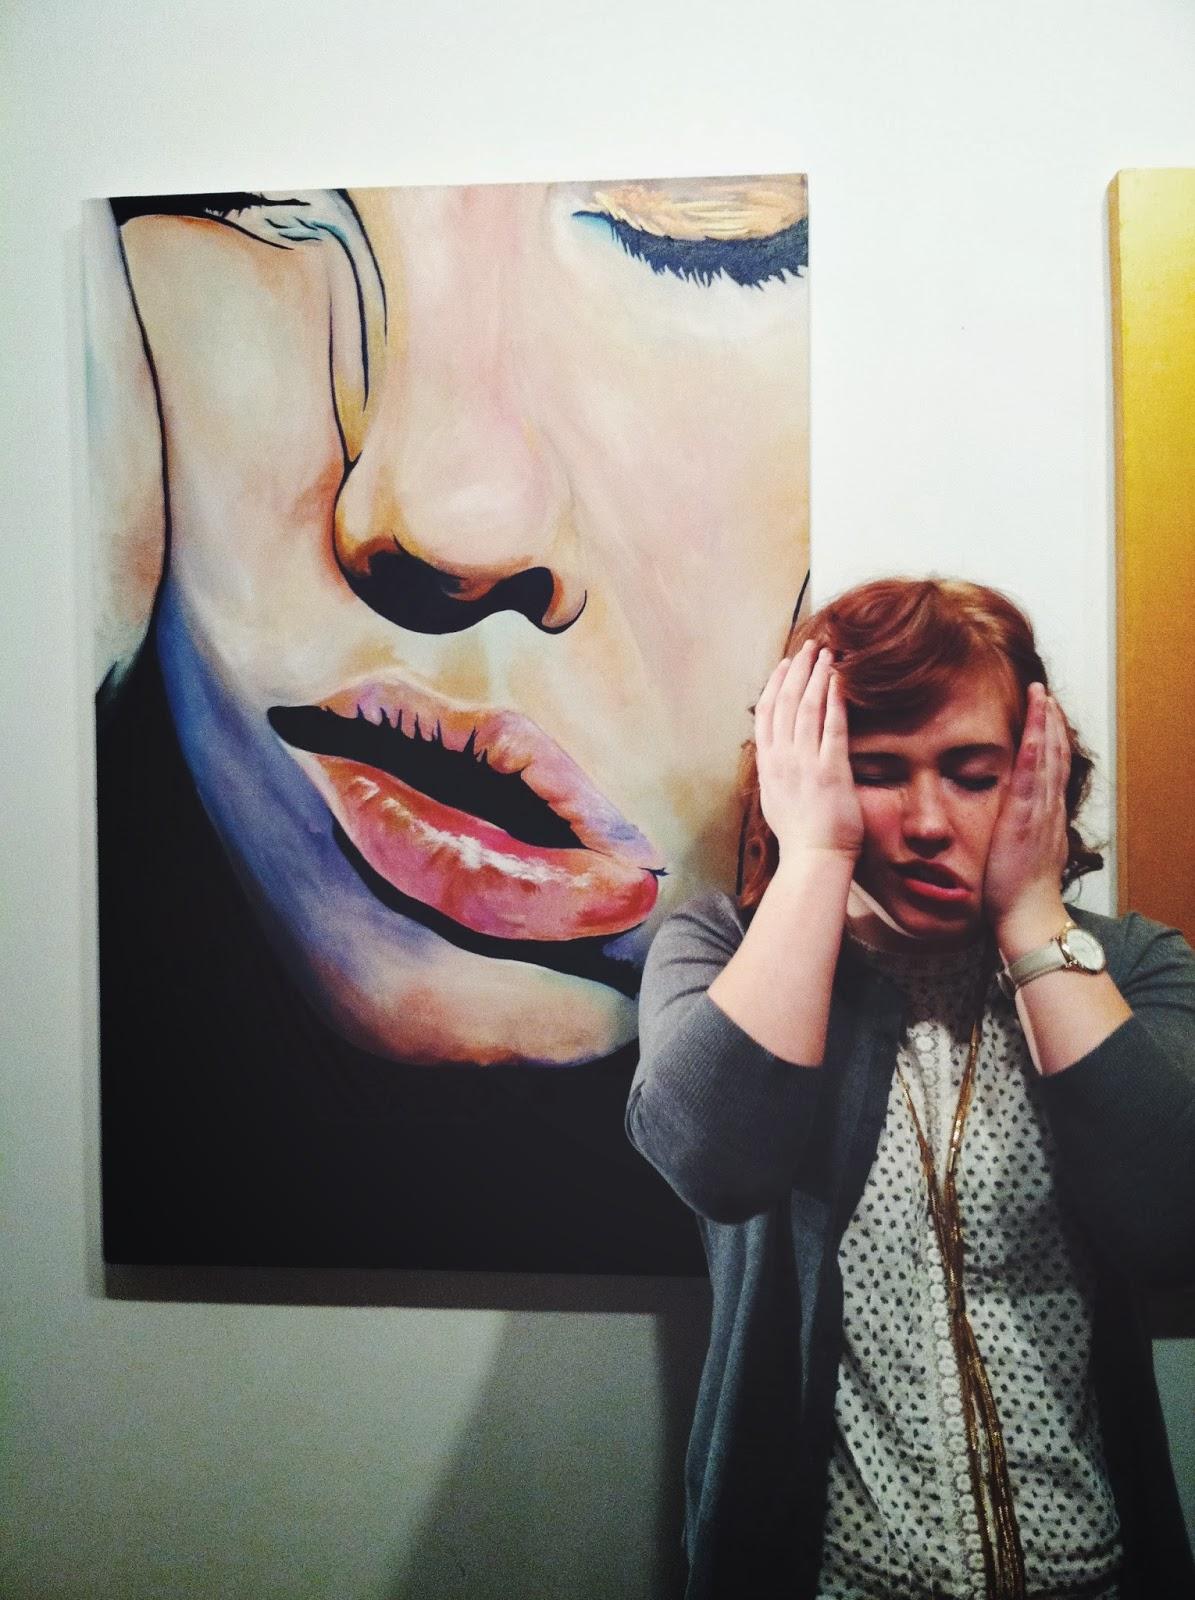 art art student art show artist